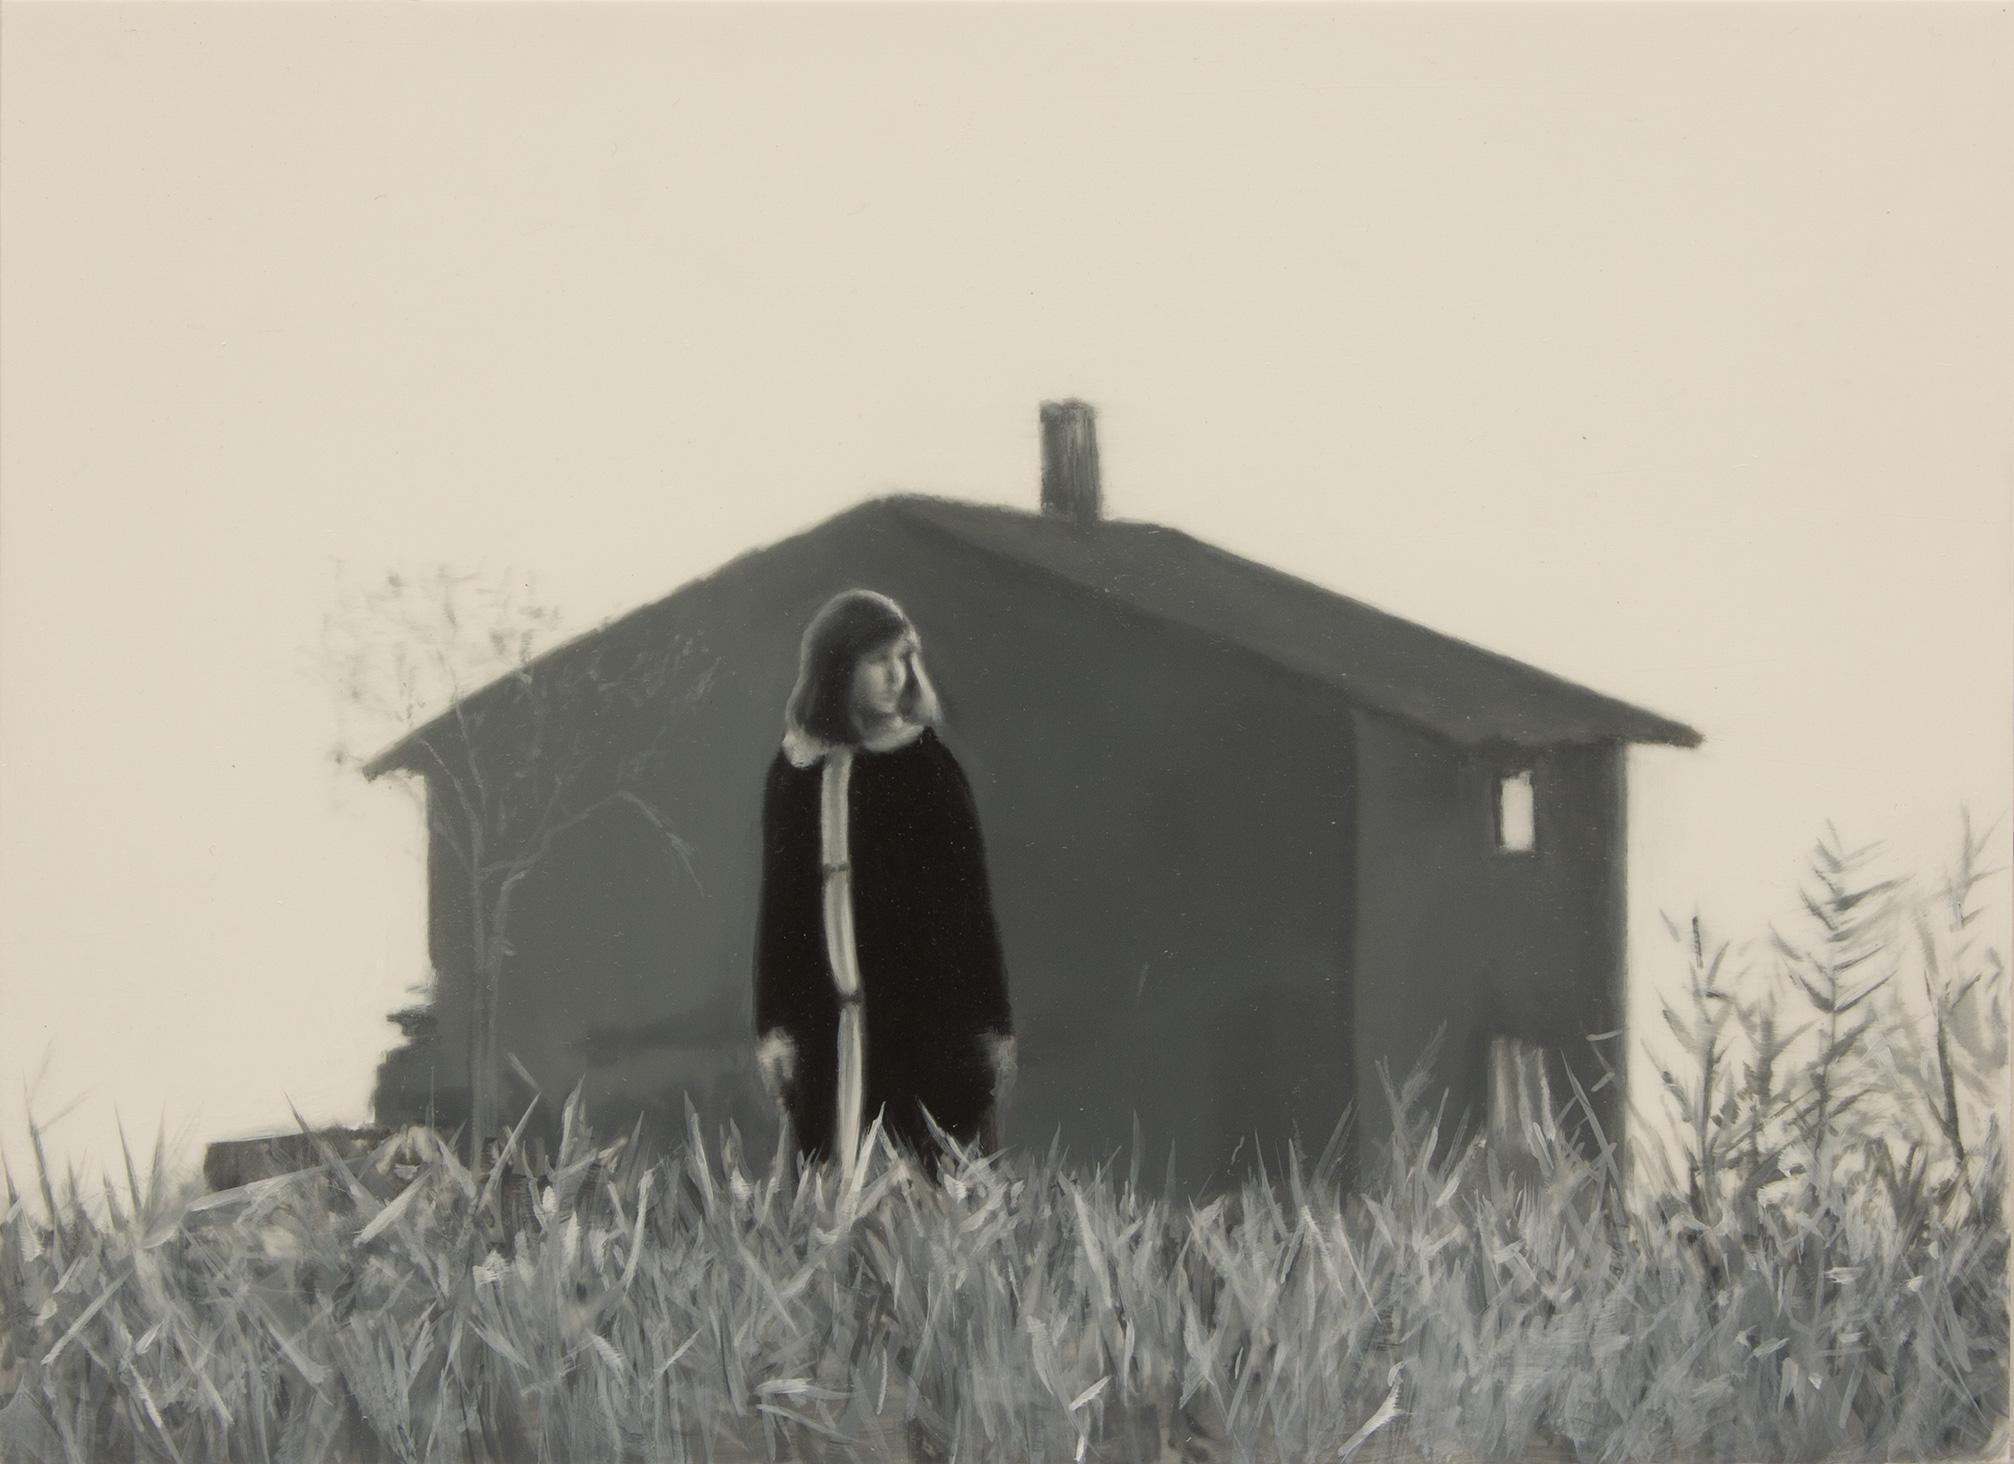 The girl who lived on an island Óleo sobre poliéster 19 x 26 cm 2019